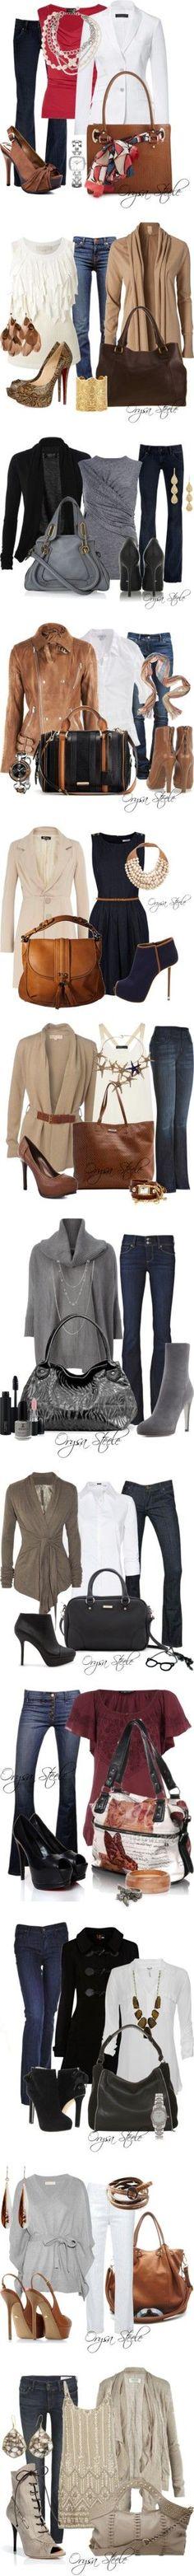 Super cute outfits.: